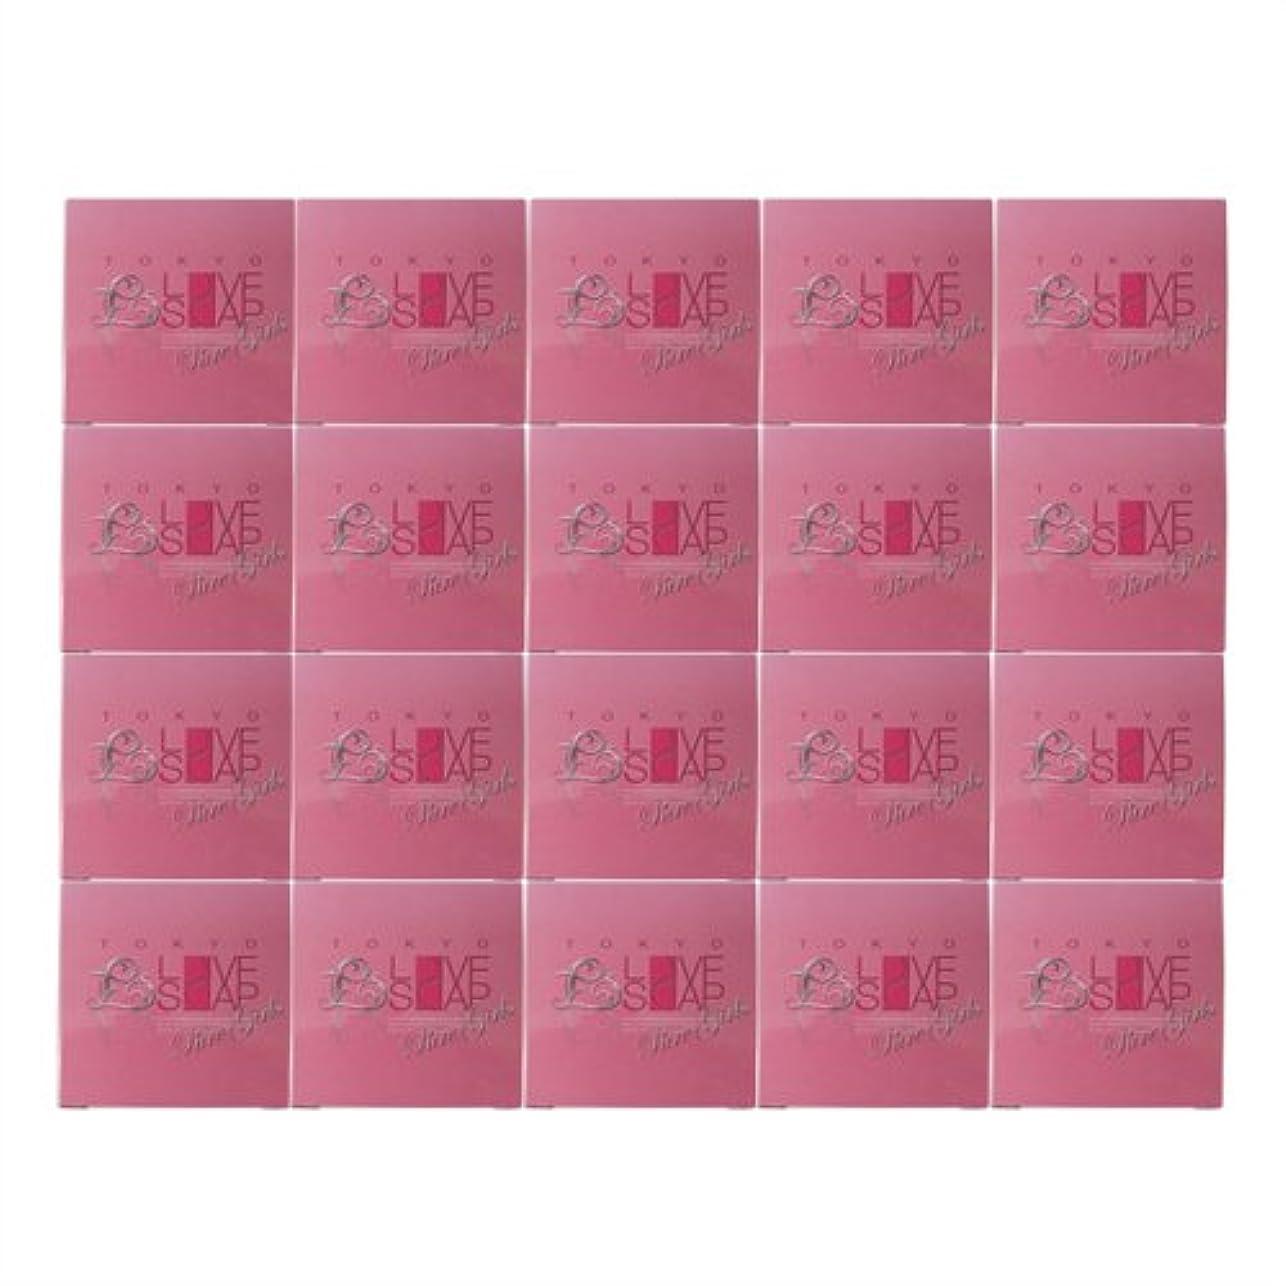 ジャンプバーベキュー未来東京ラブソープ ピュアガールズ (80g) x20個 セット